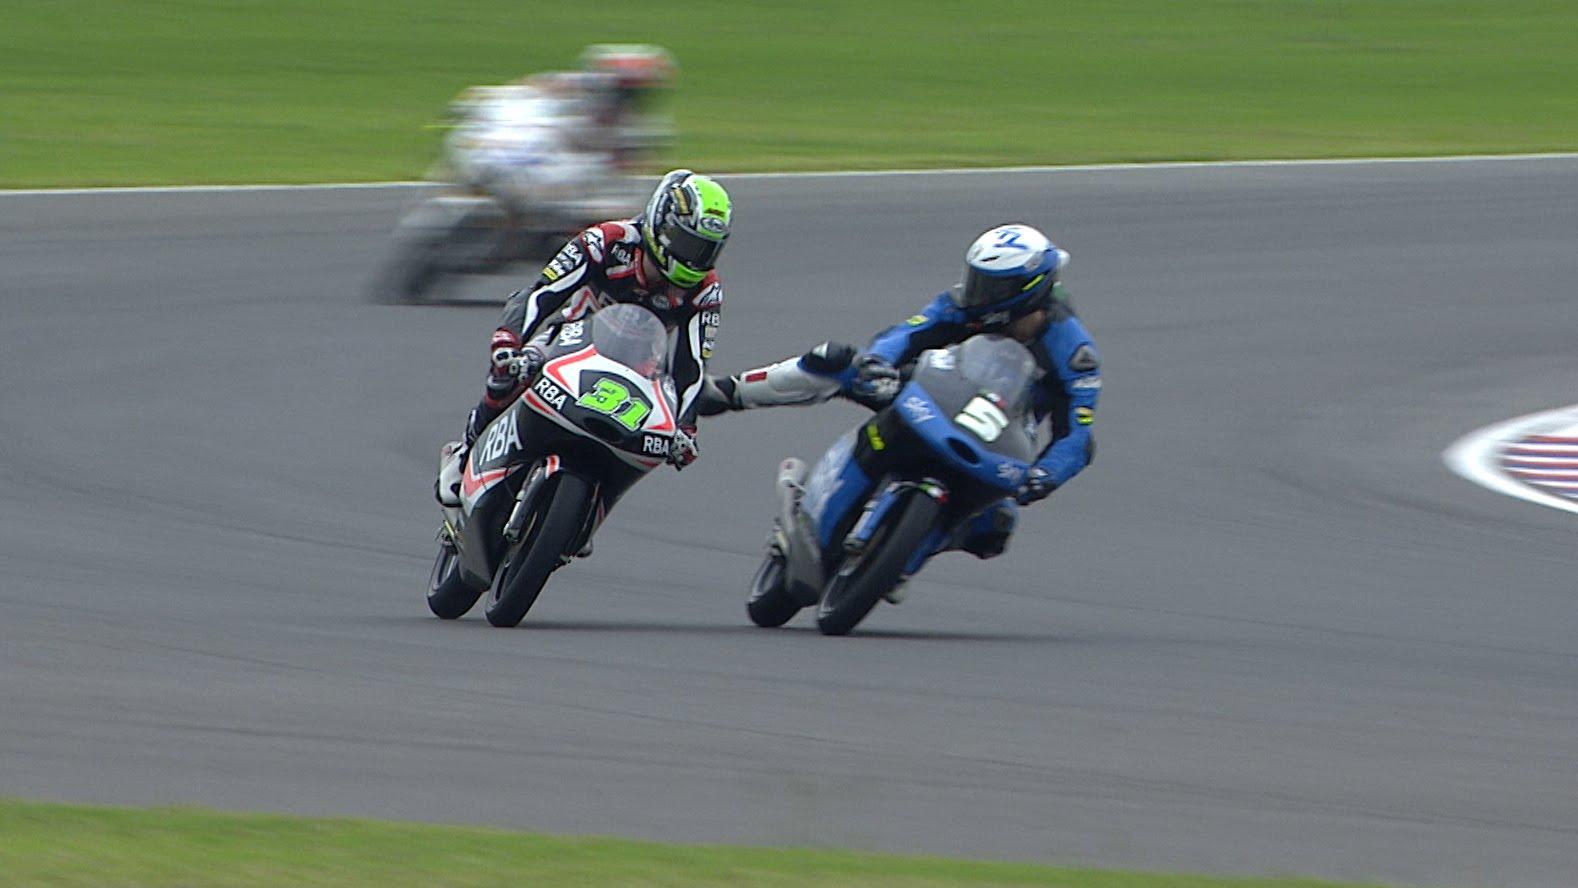 MotoGP : Romano Fenati donne un coup de pied à Niklas Ajo